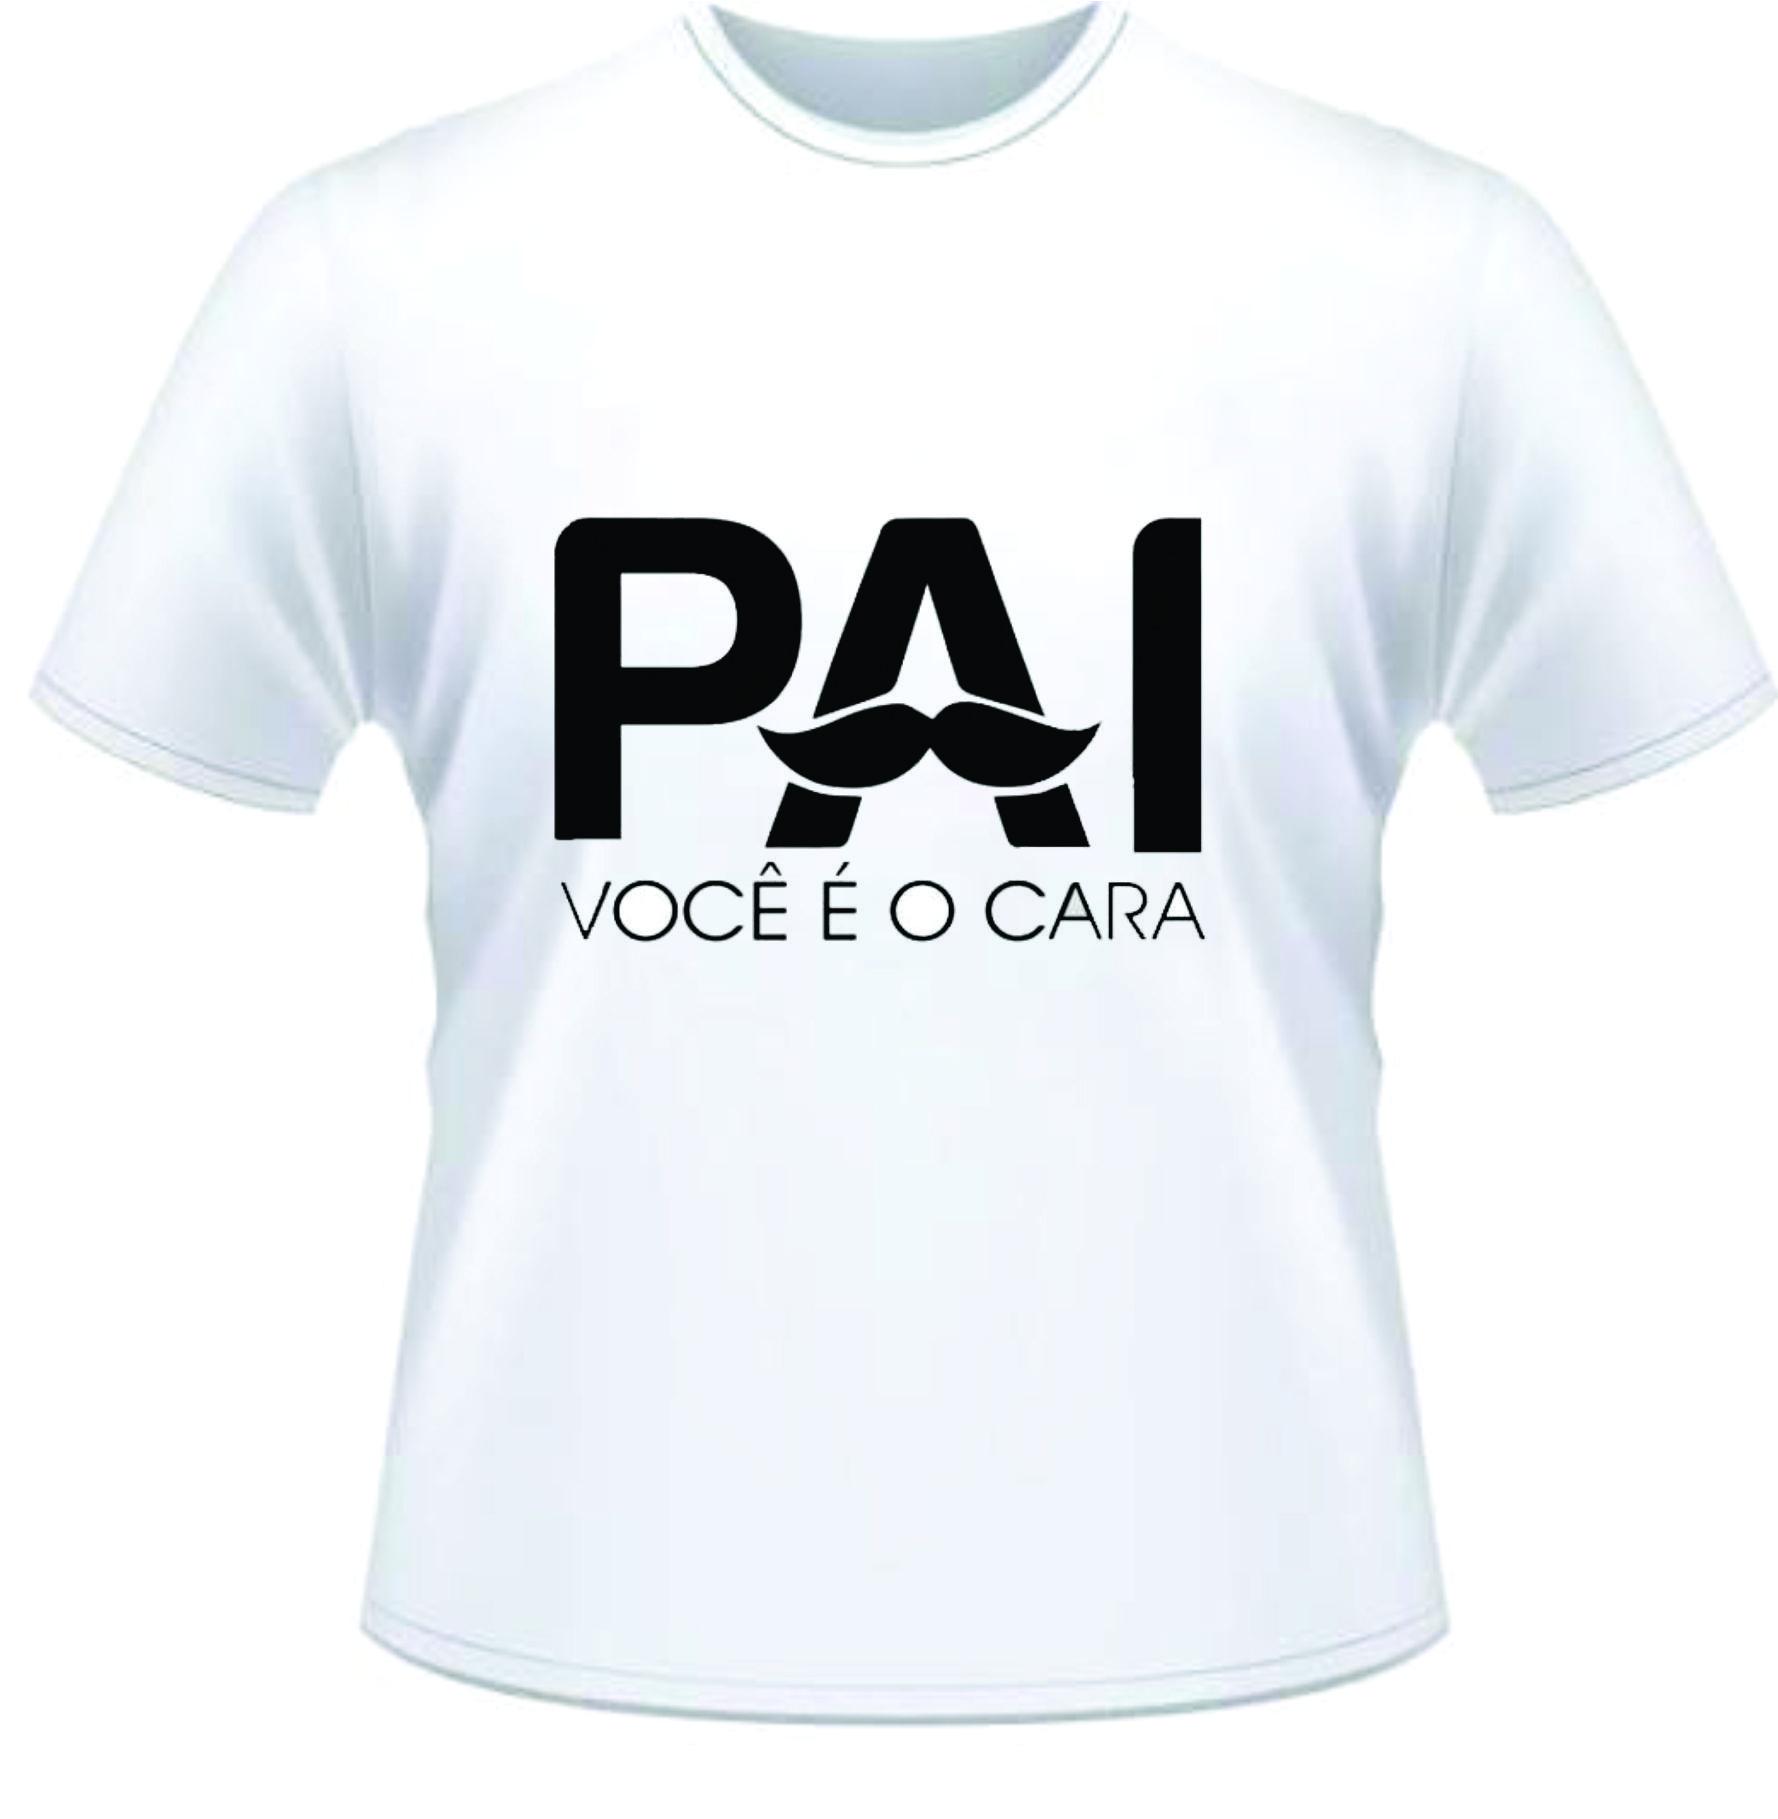 Camiseta Dia Dos Pais Personalizada Branca Poliéster área